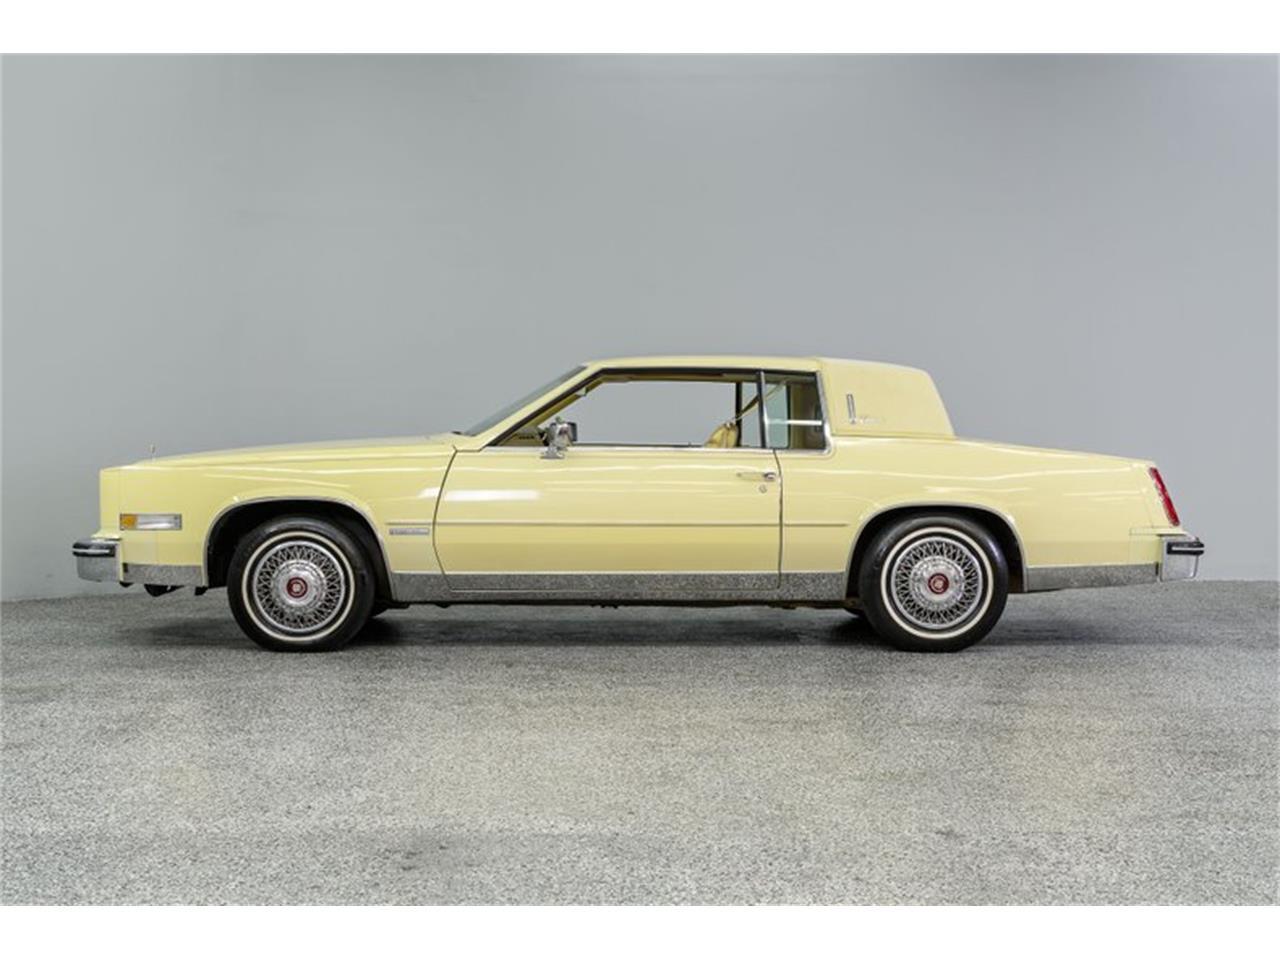 1983 cadillac eldorado for sale classiccars com cc 1244457 1983 cadillac eldorado for sale